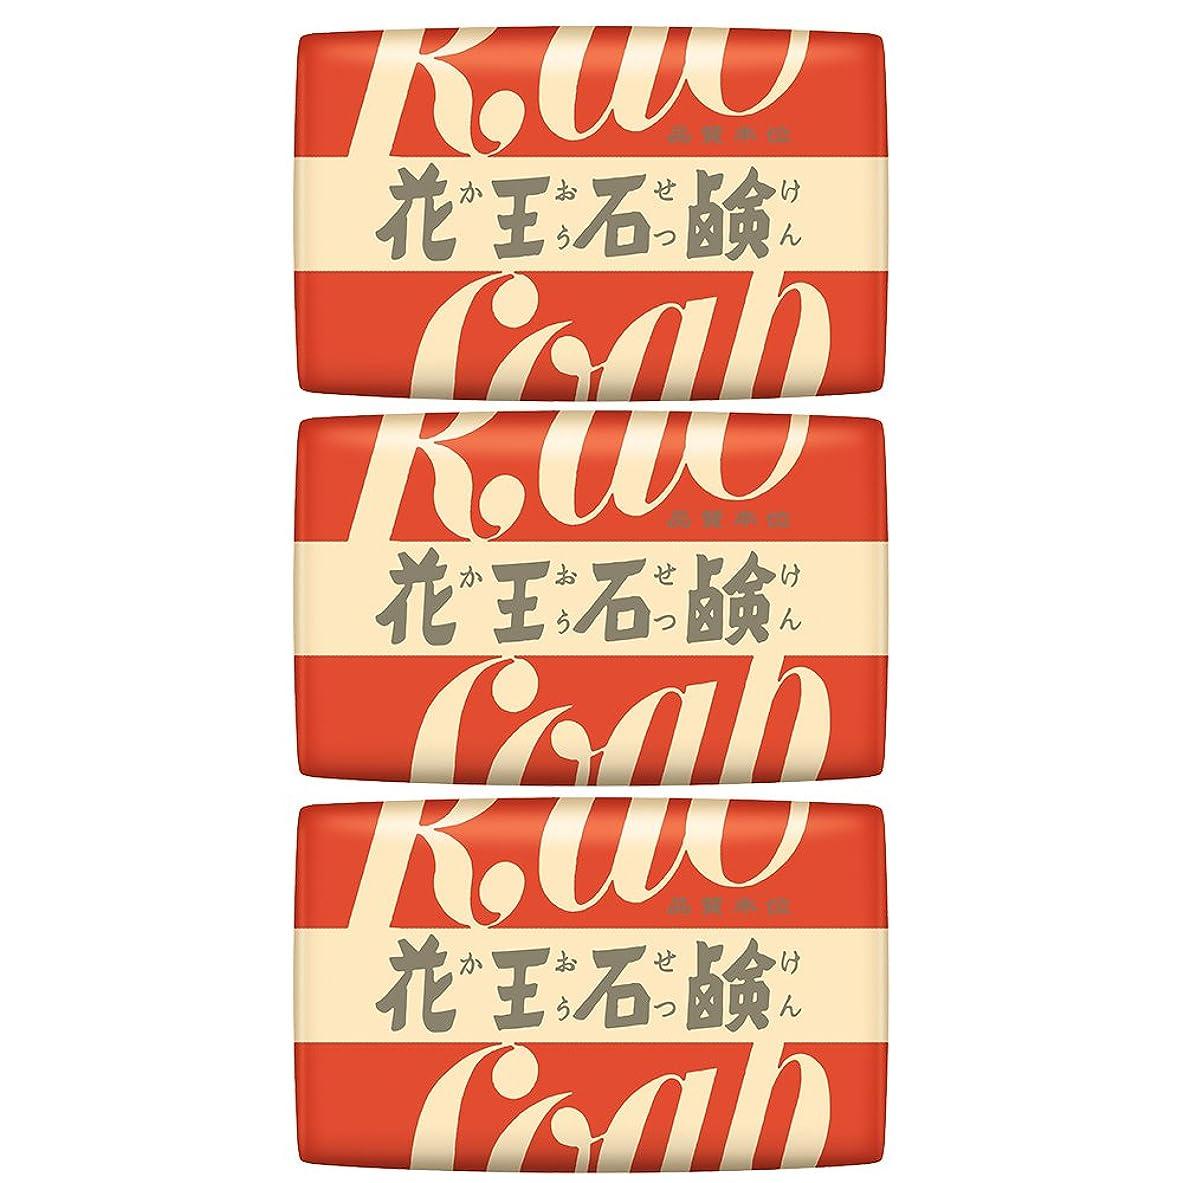 石灰岩スナッチ妖精花王ホワイト バスサイズ 3コパック 復刻デザインパッケージ